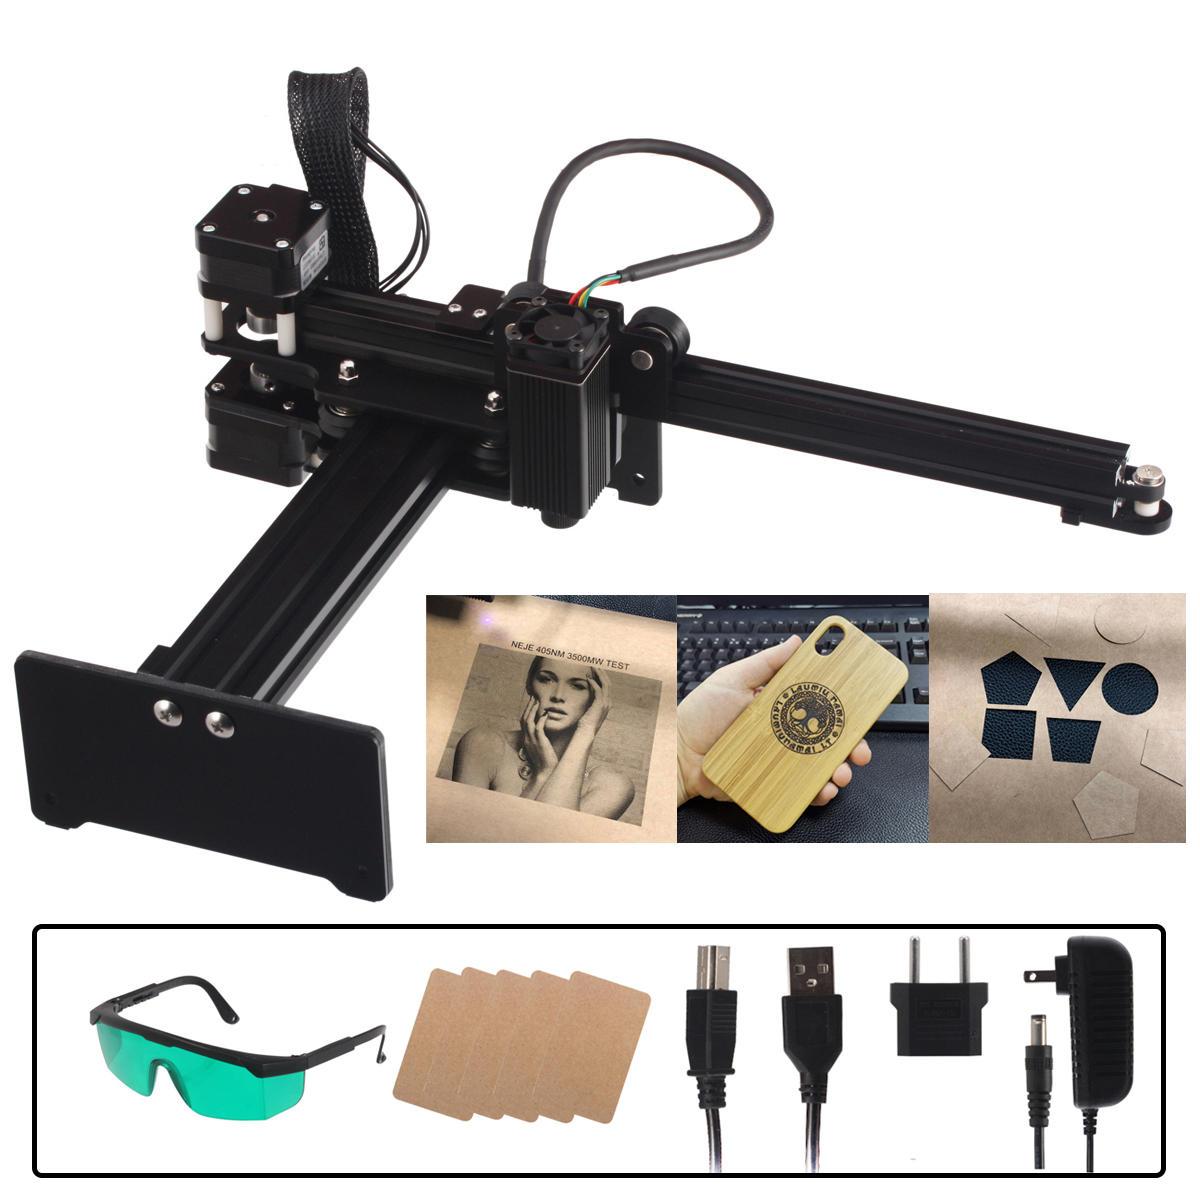 NEJE MASTER 3500mW DIY लेजर उत्कीर्णन मशीन प्रिंटर प्रिंट लोगो चित्र लेजर उत्कीर्णन मशीन